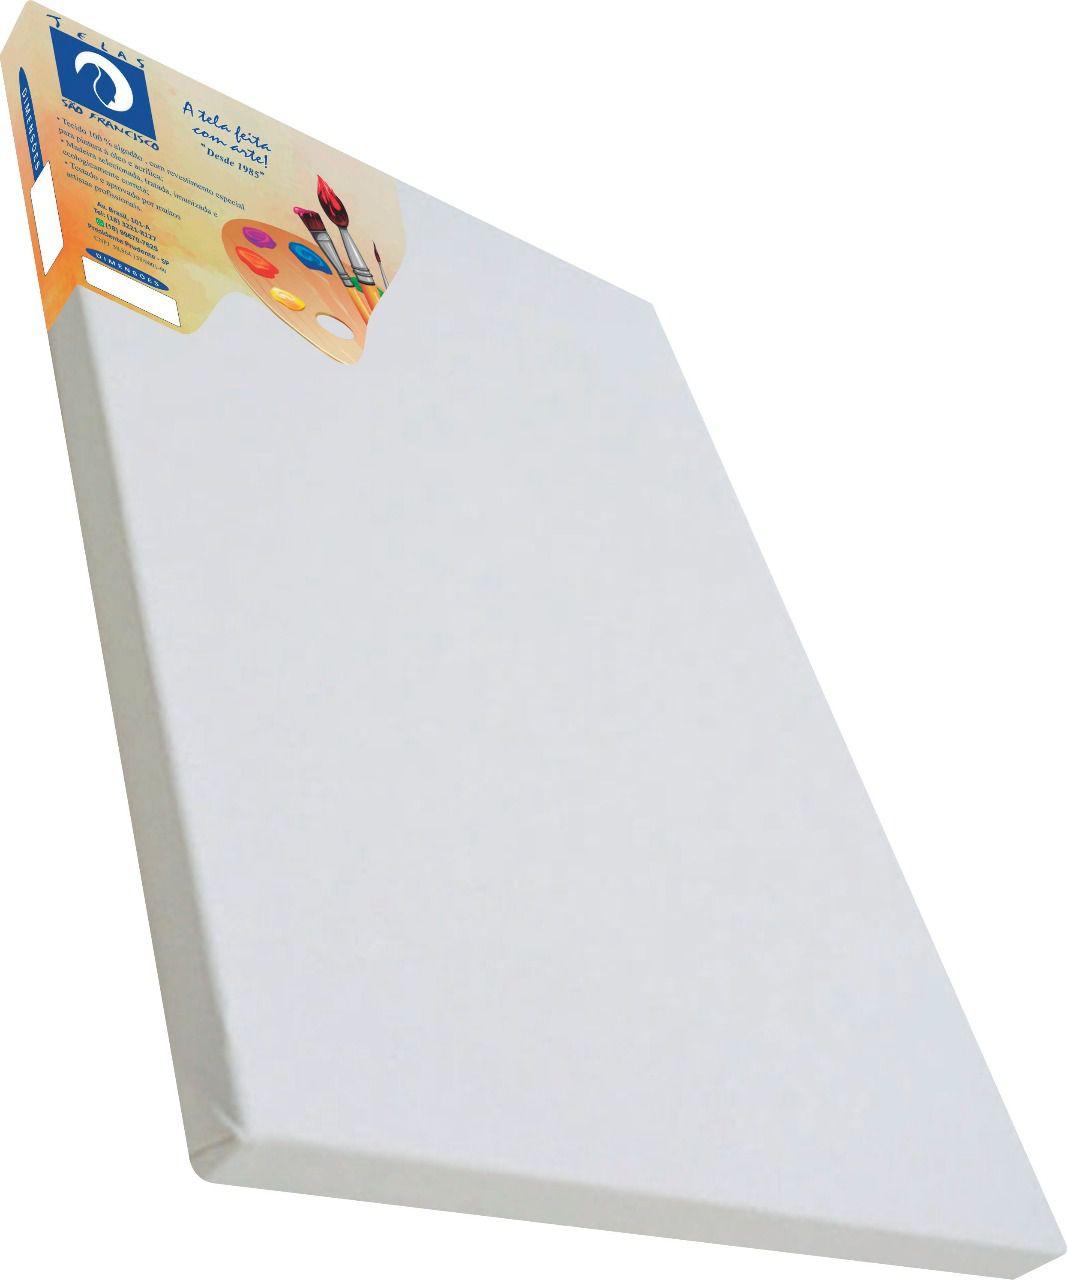 Tela painel para pintura 30x60cm - São Francisco